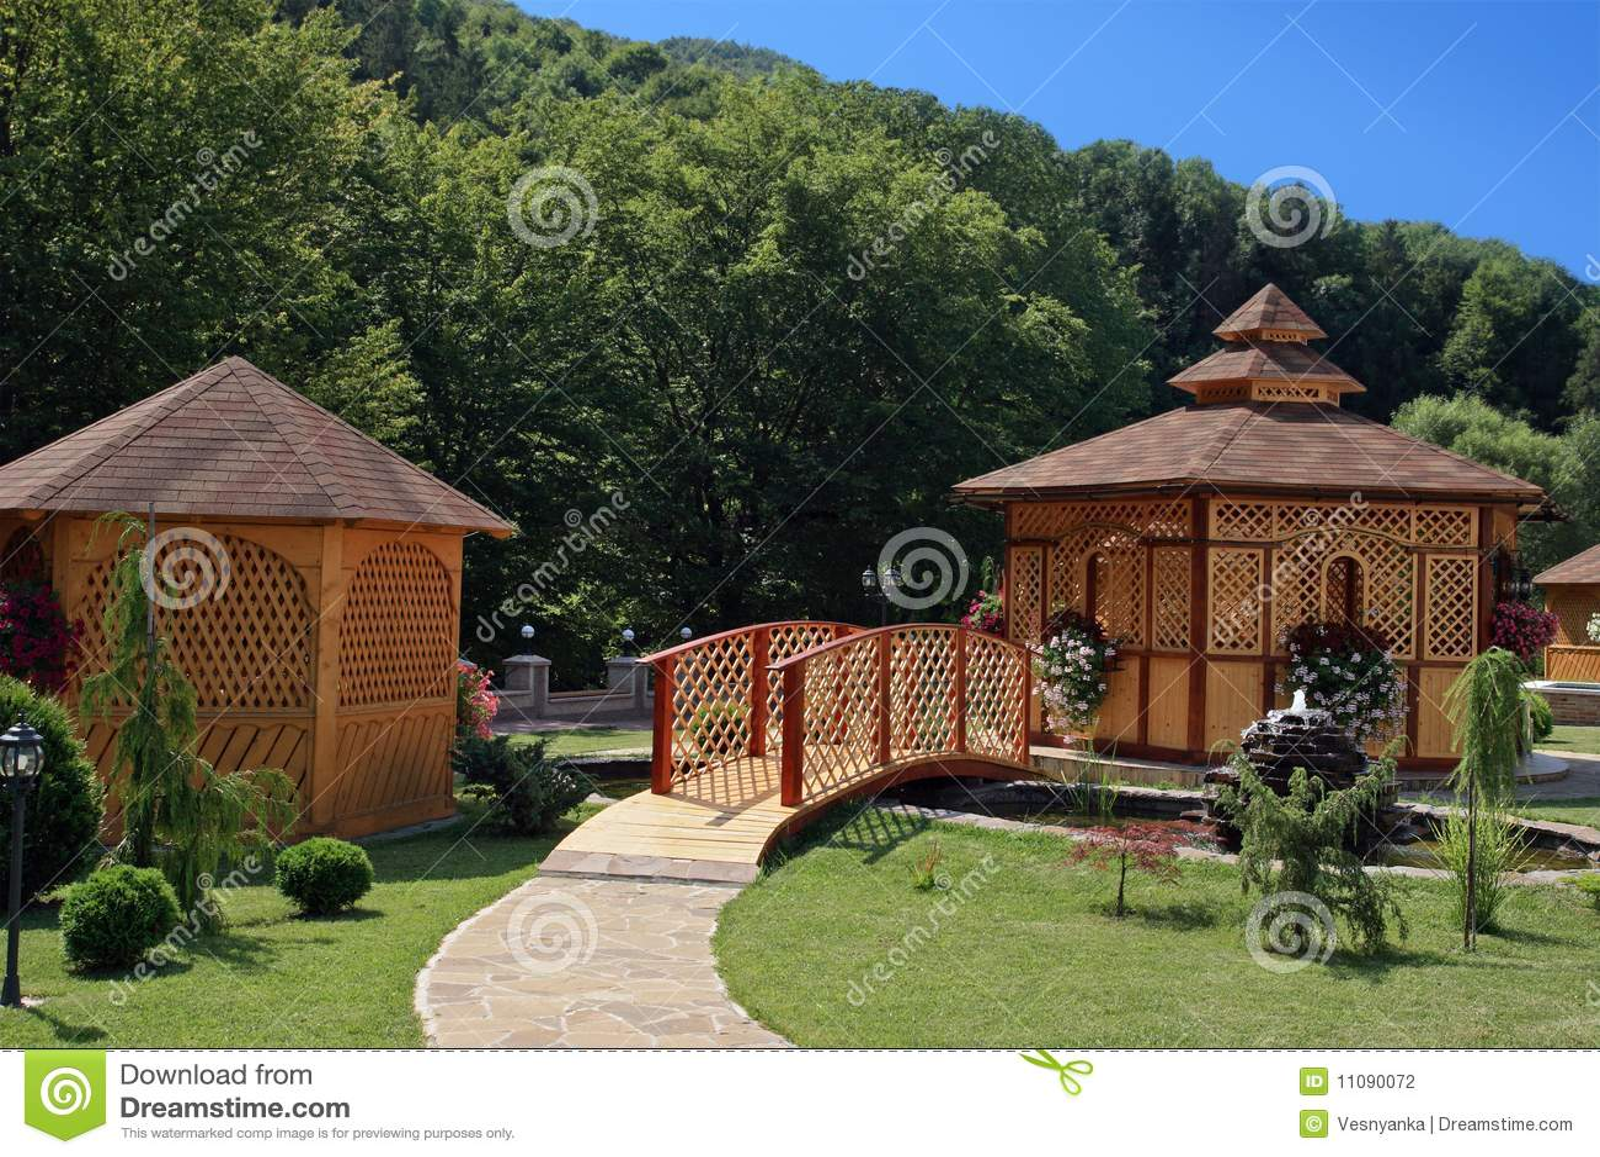 gazebo jardim madeira:Um summerhouse em um jardim doméstico no verão, com a ponte pequena